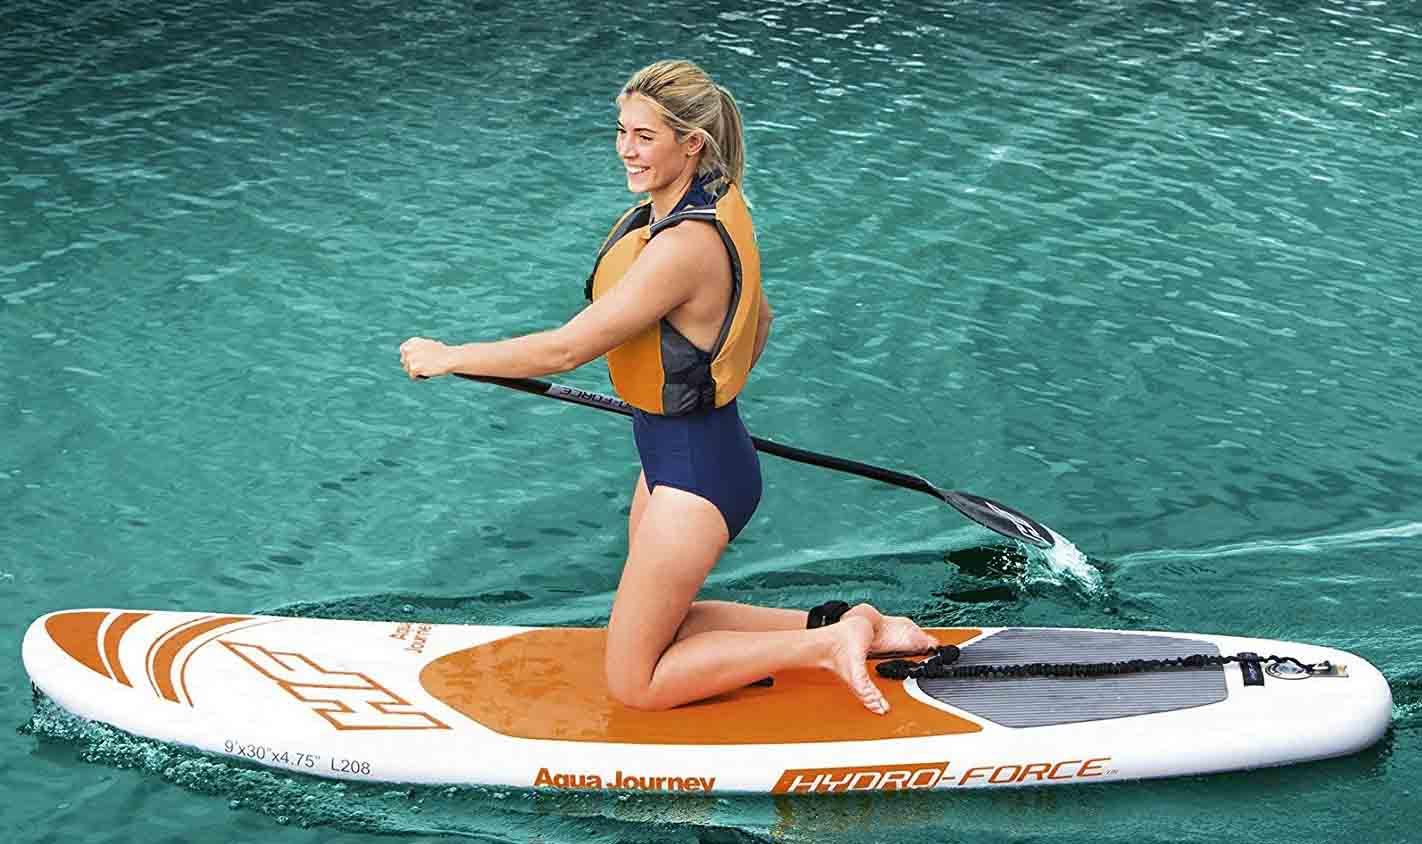 Comprar tabla de paddle surf de segunda mano: Qué trucos debes saber